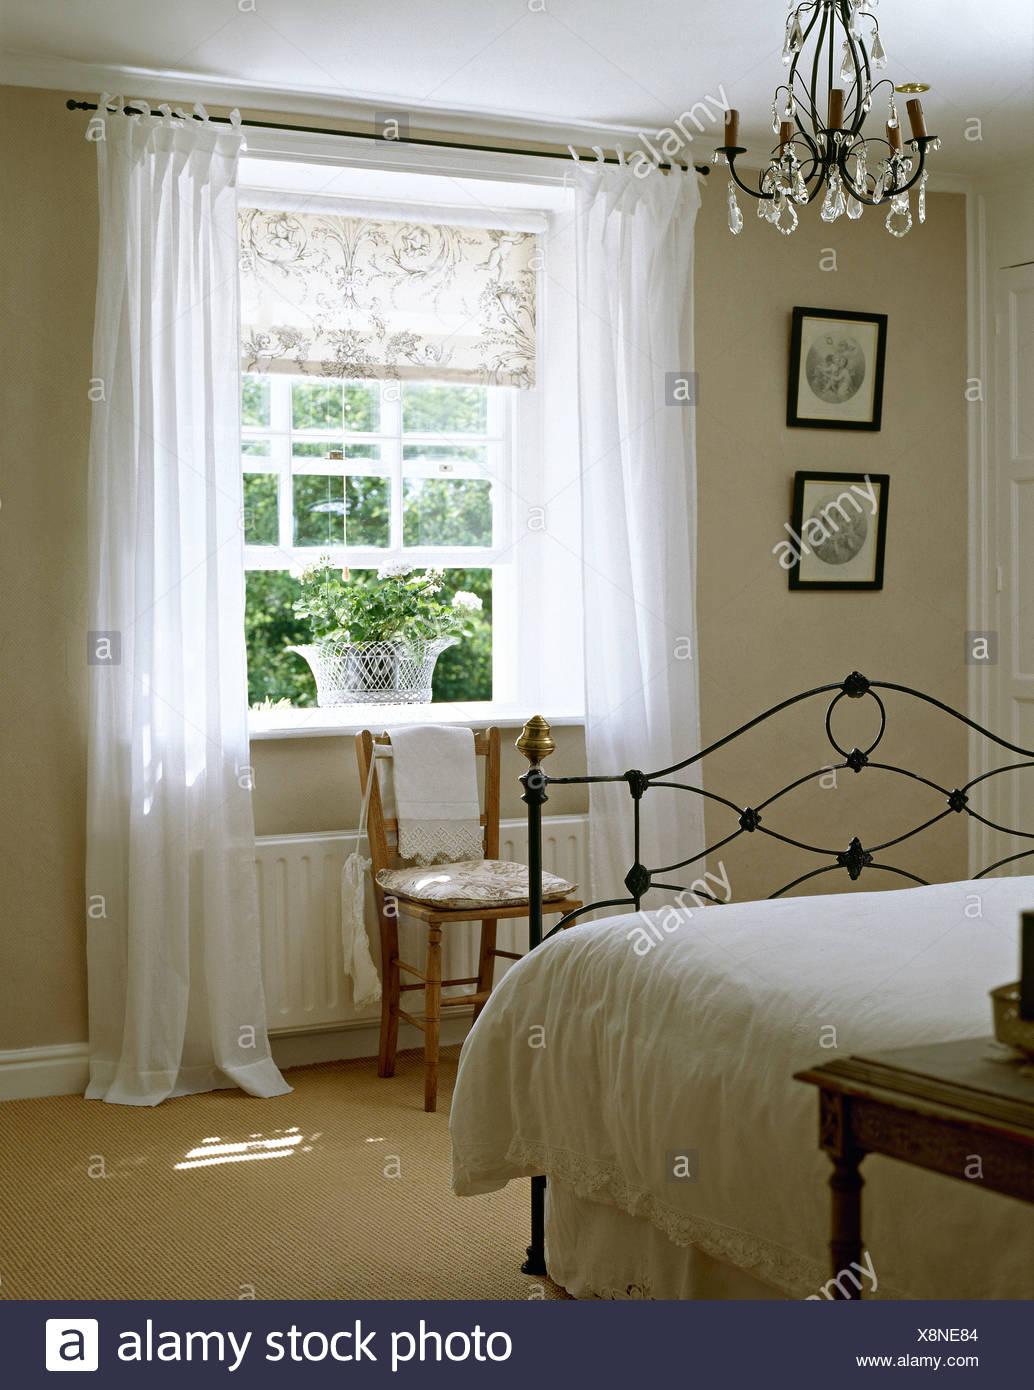 Full Size of Vorhänge Schlafzimmer Weie Bettwsche Auf Schmiedeeisen Bett In Blgrau Sessel Rauch Wandtattoo Stehlampe Günstige Tapeten Deckenleuchte Stuhl Regal Set Schlafzimmer Vorhänge Schlafzimmer